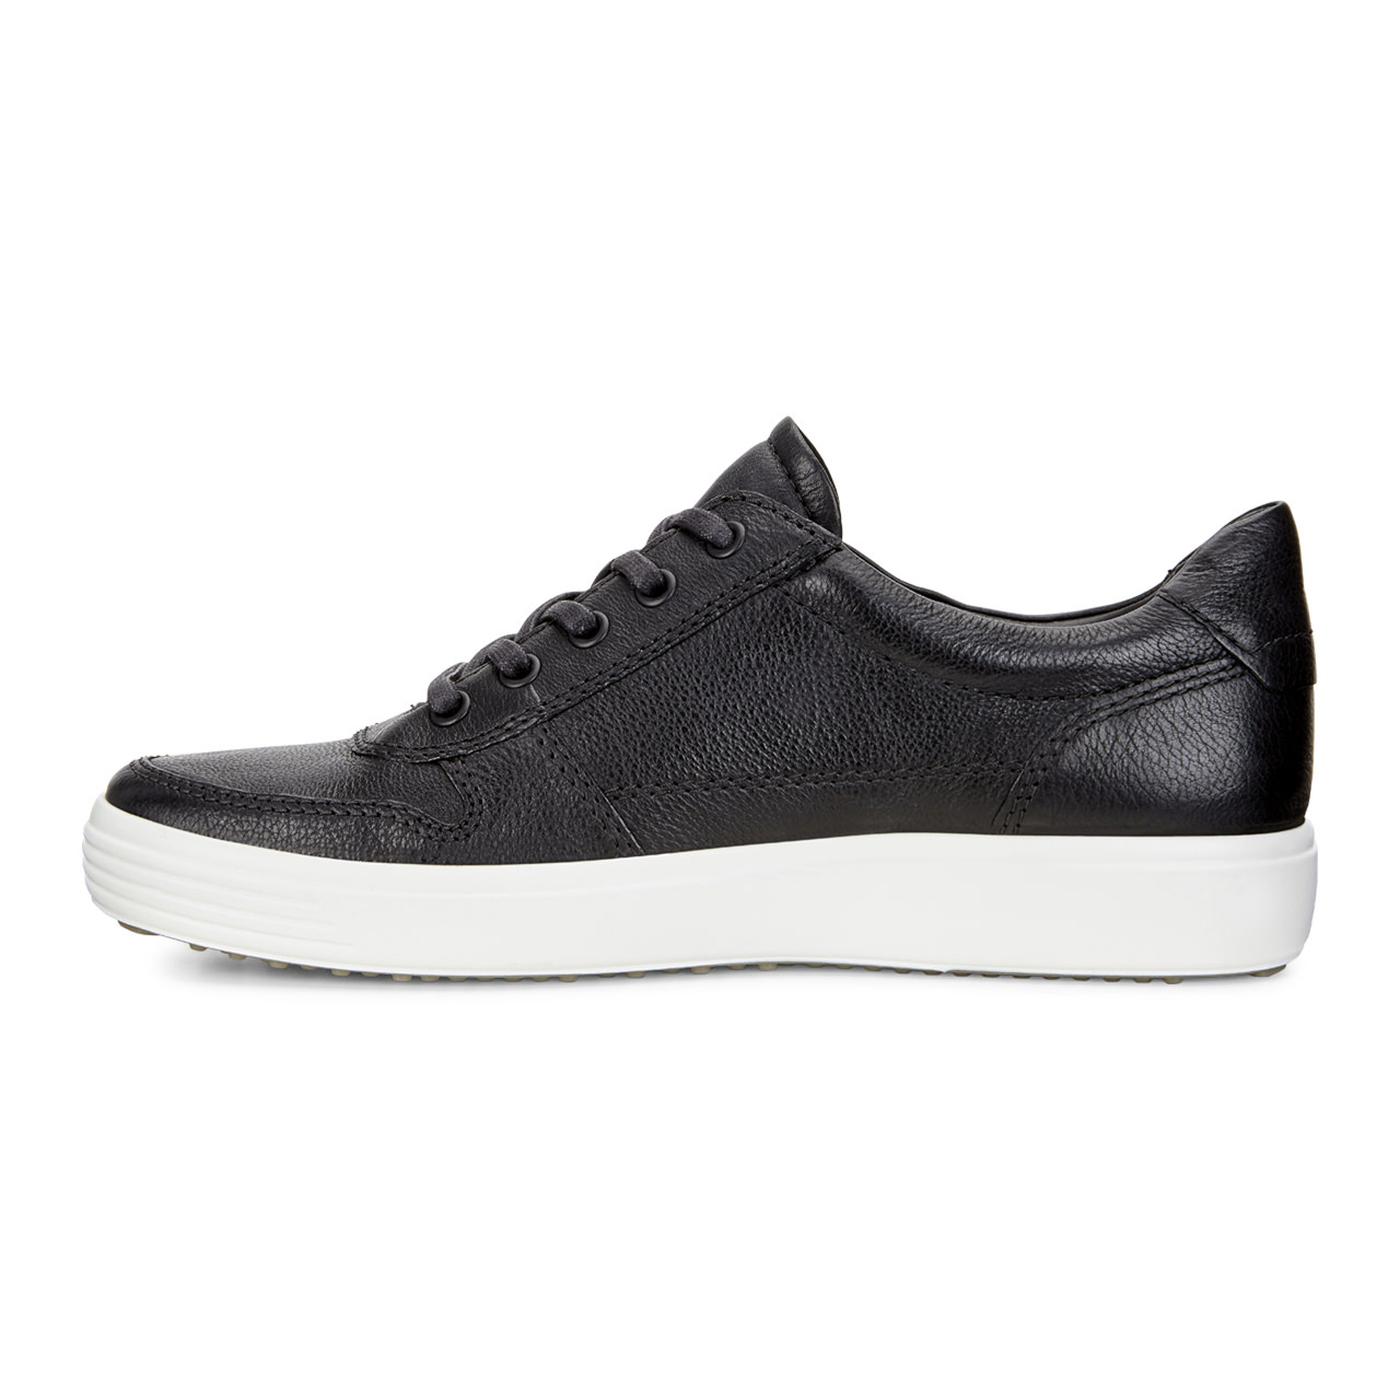 ECCO Soft 7 M Retro Sneaker